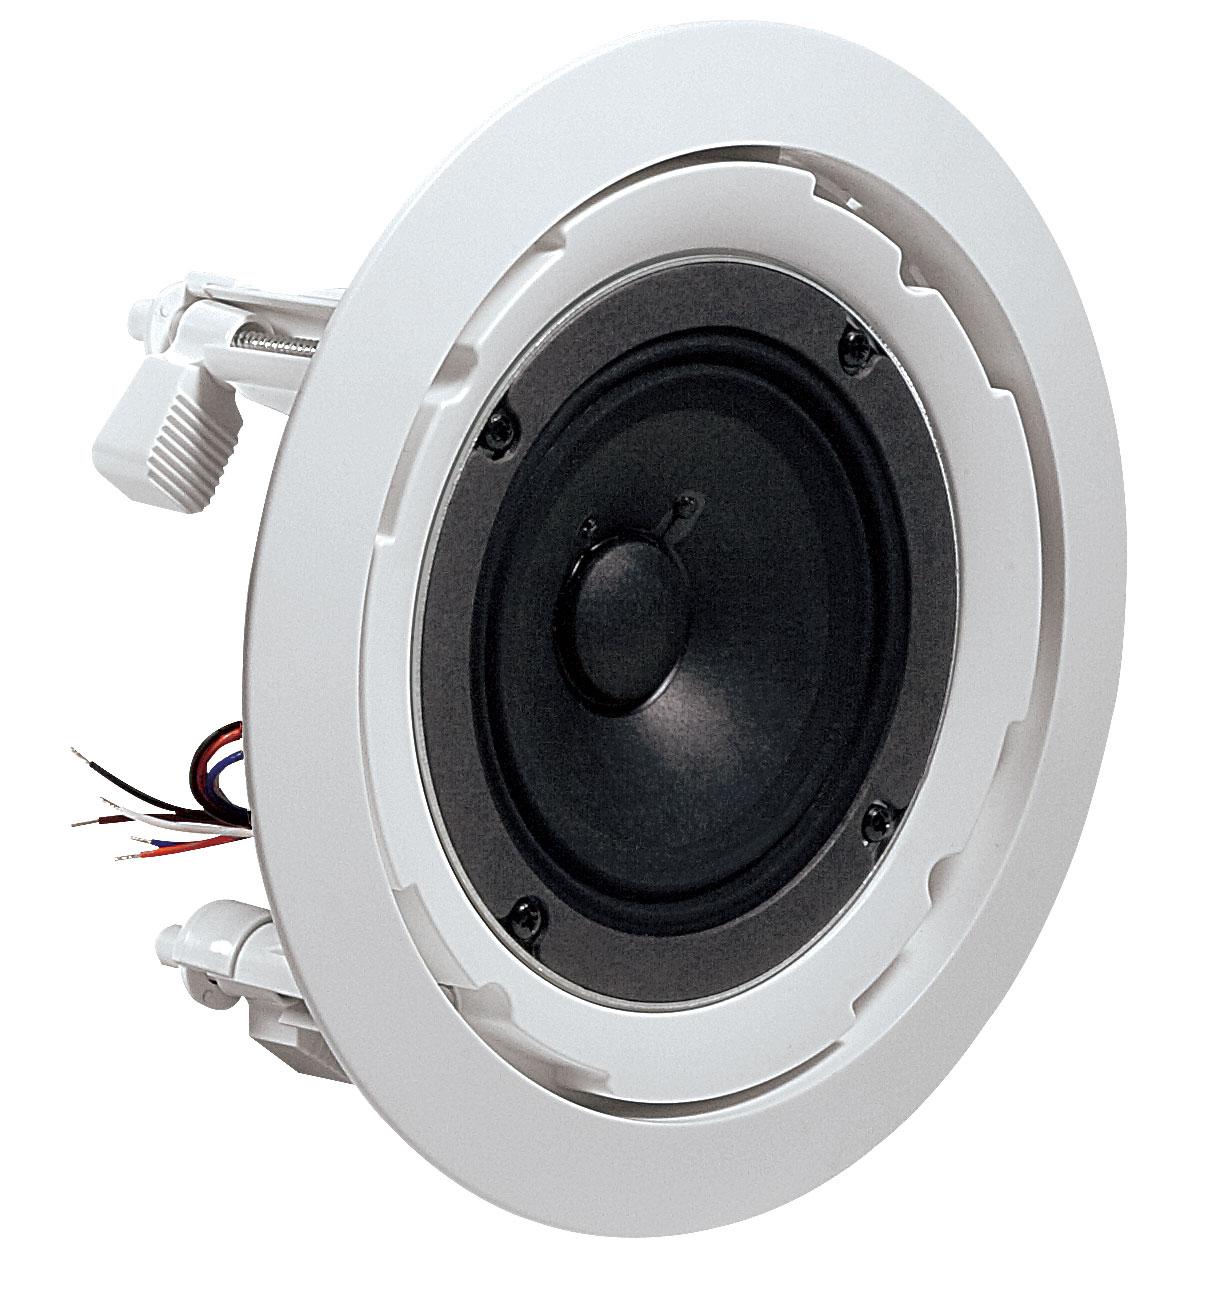 az in products two speaker speakers way ceiling loudspeaker jbl